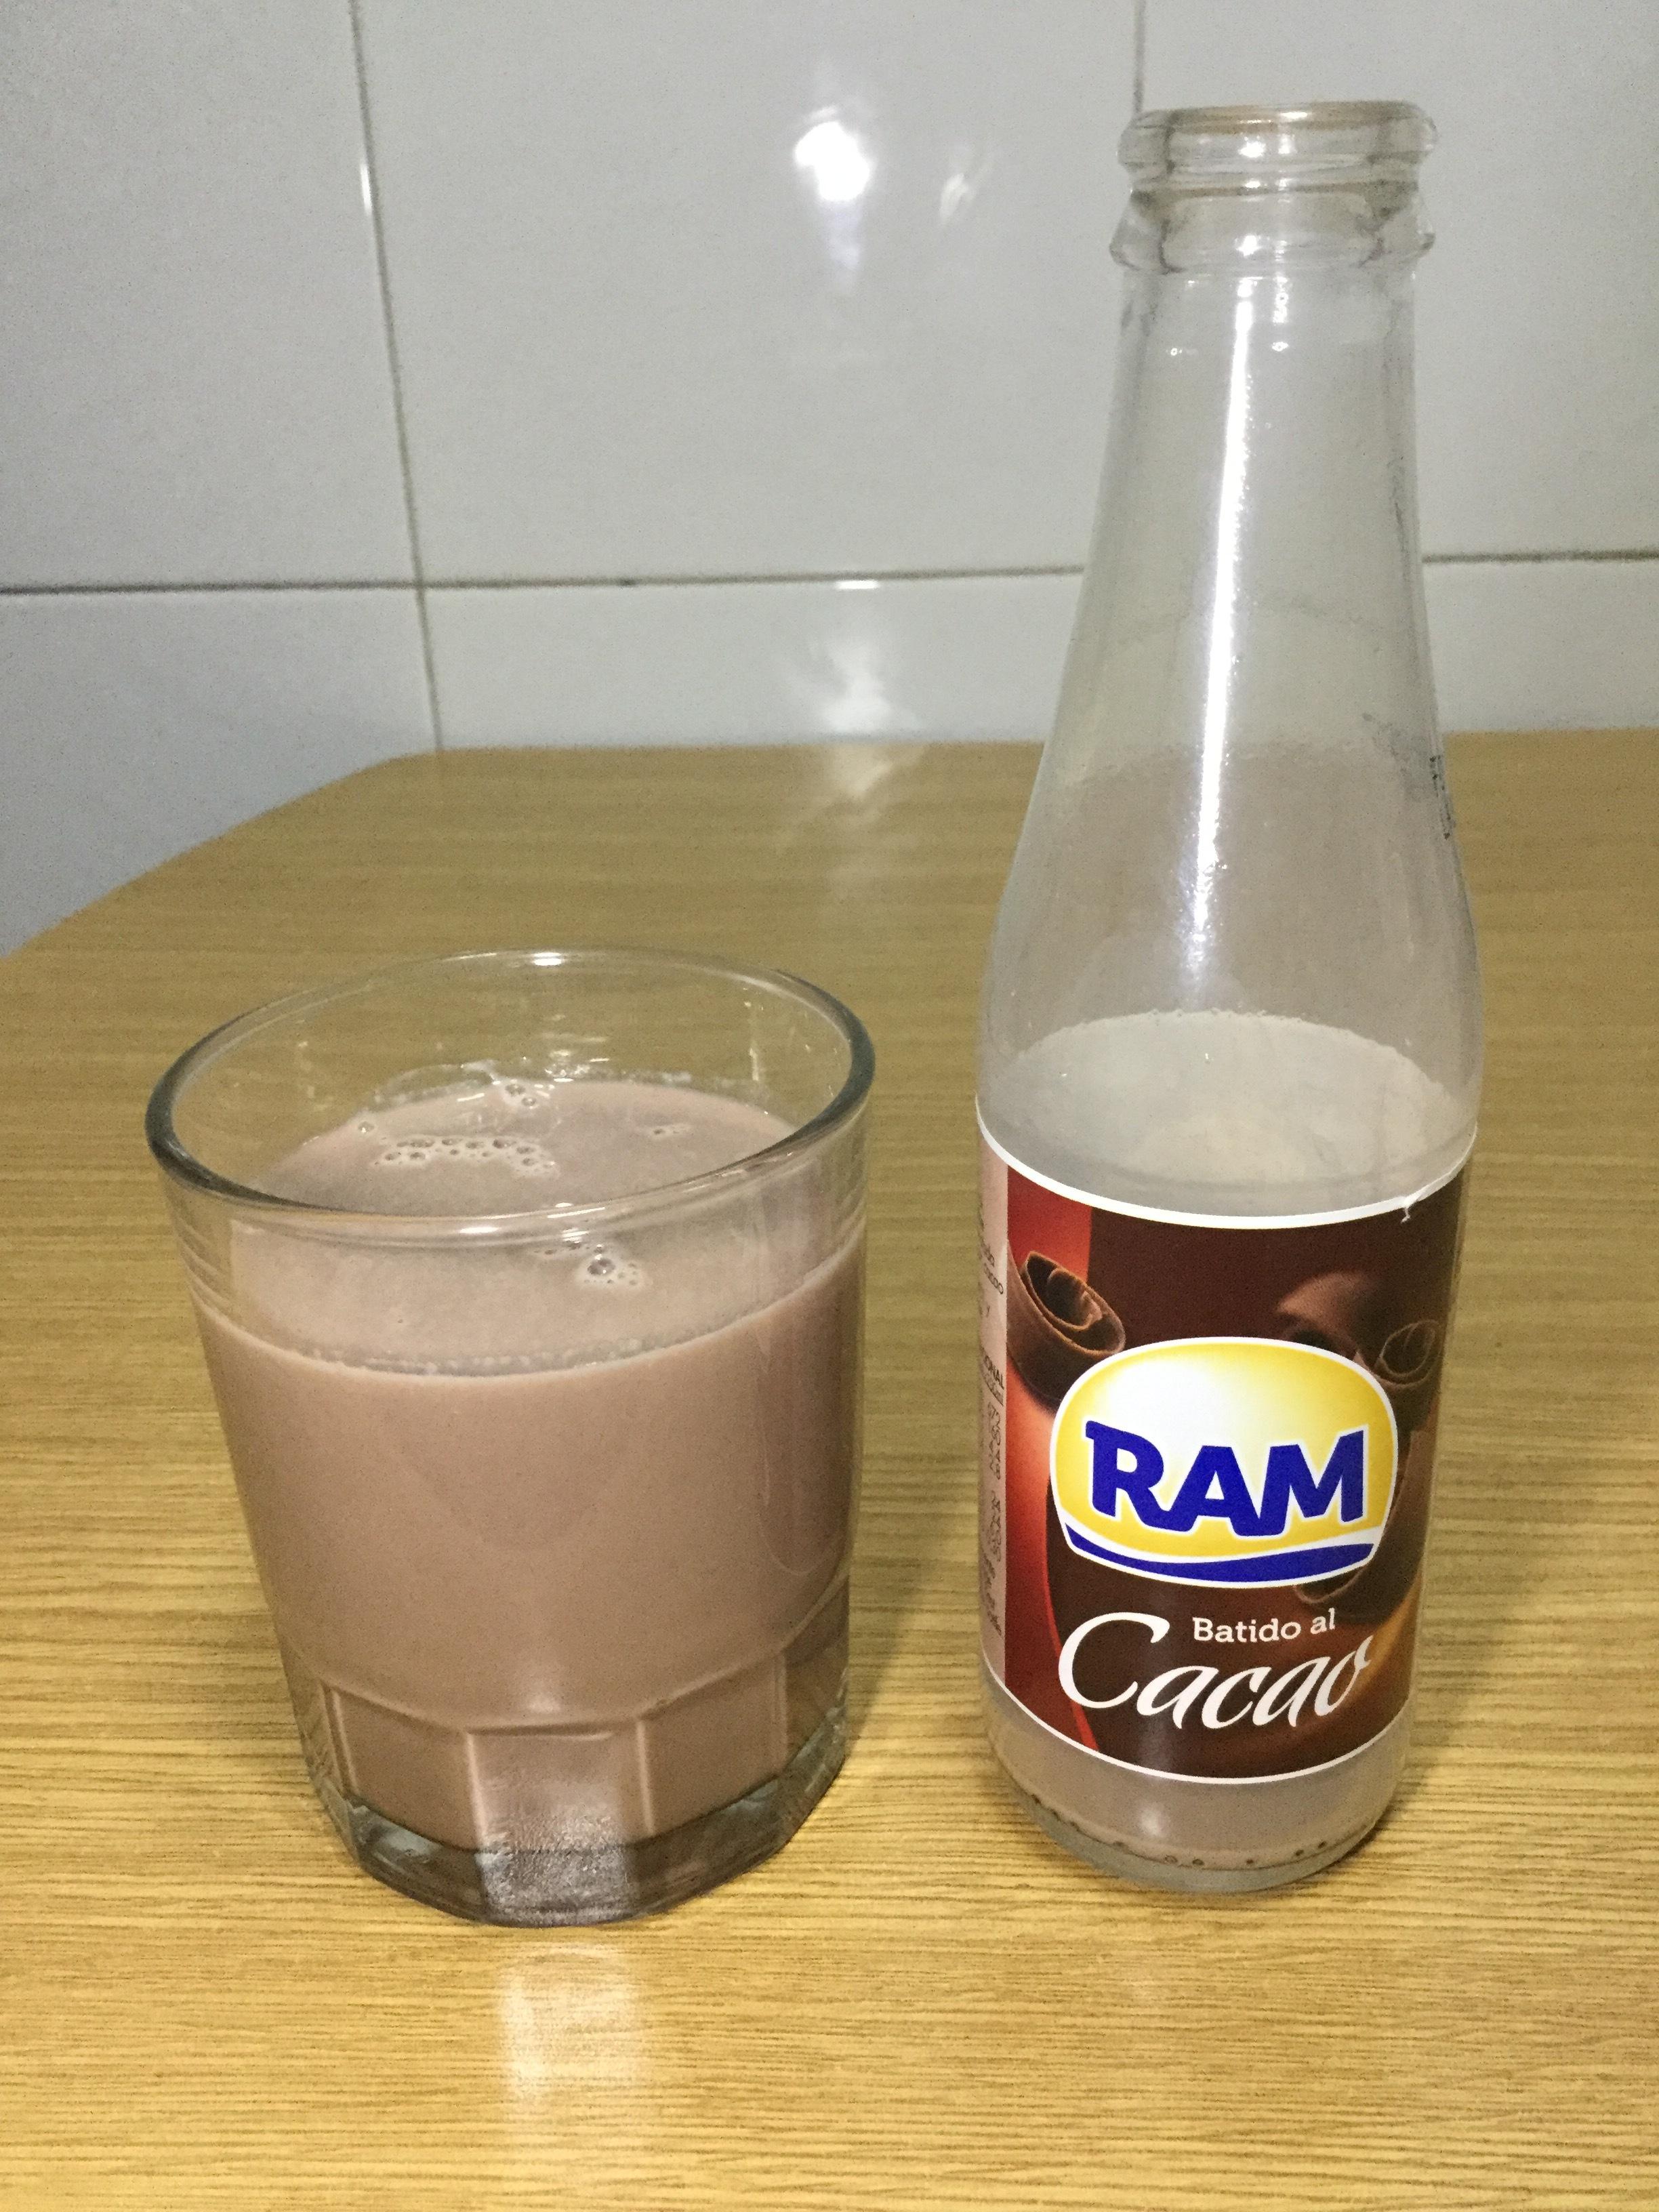 Ram Batido Al Cacao Cup